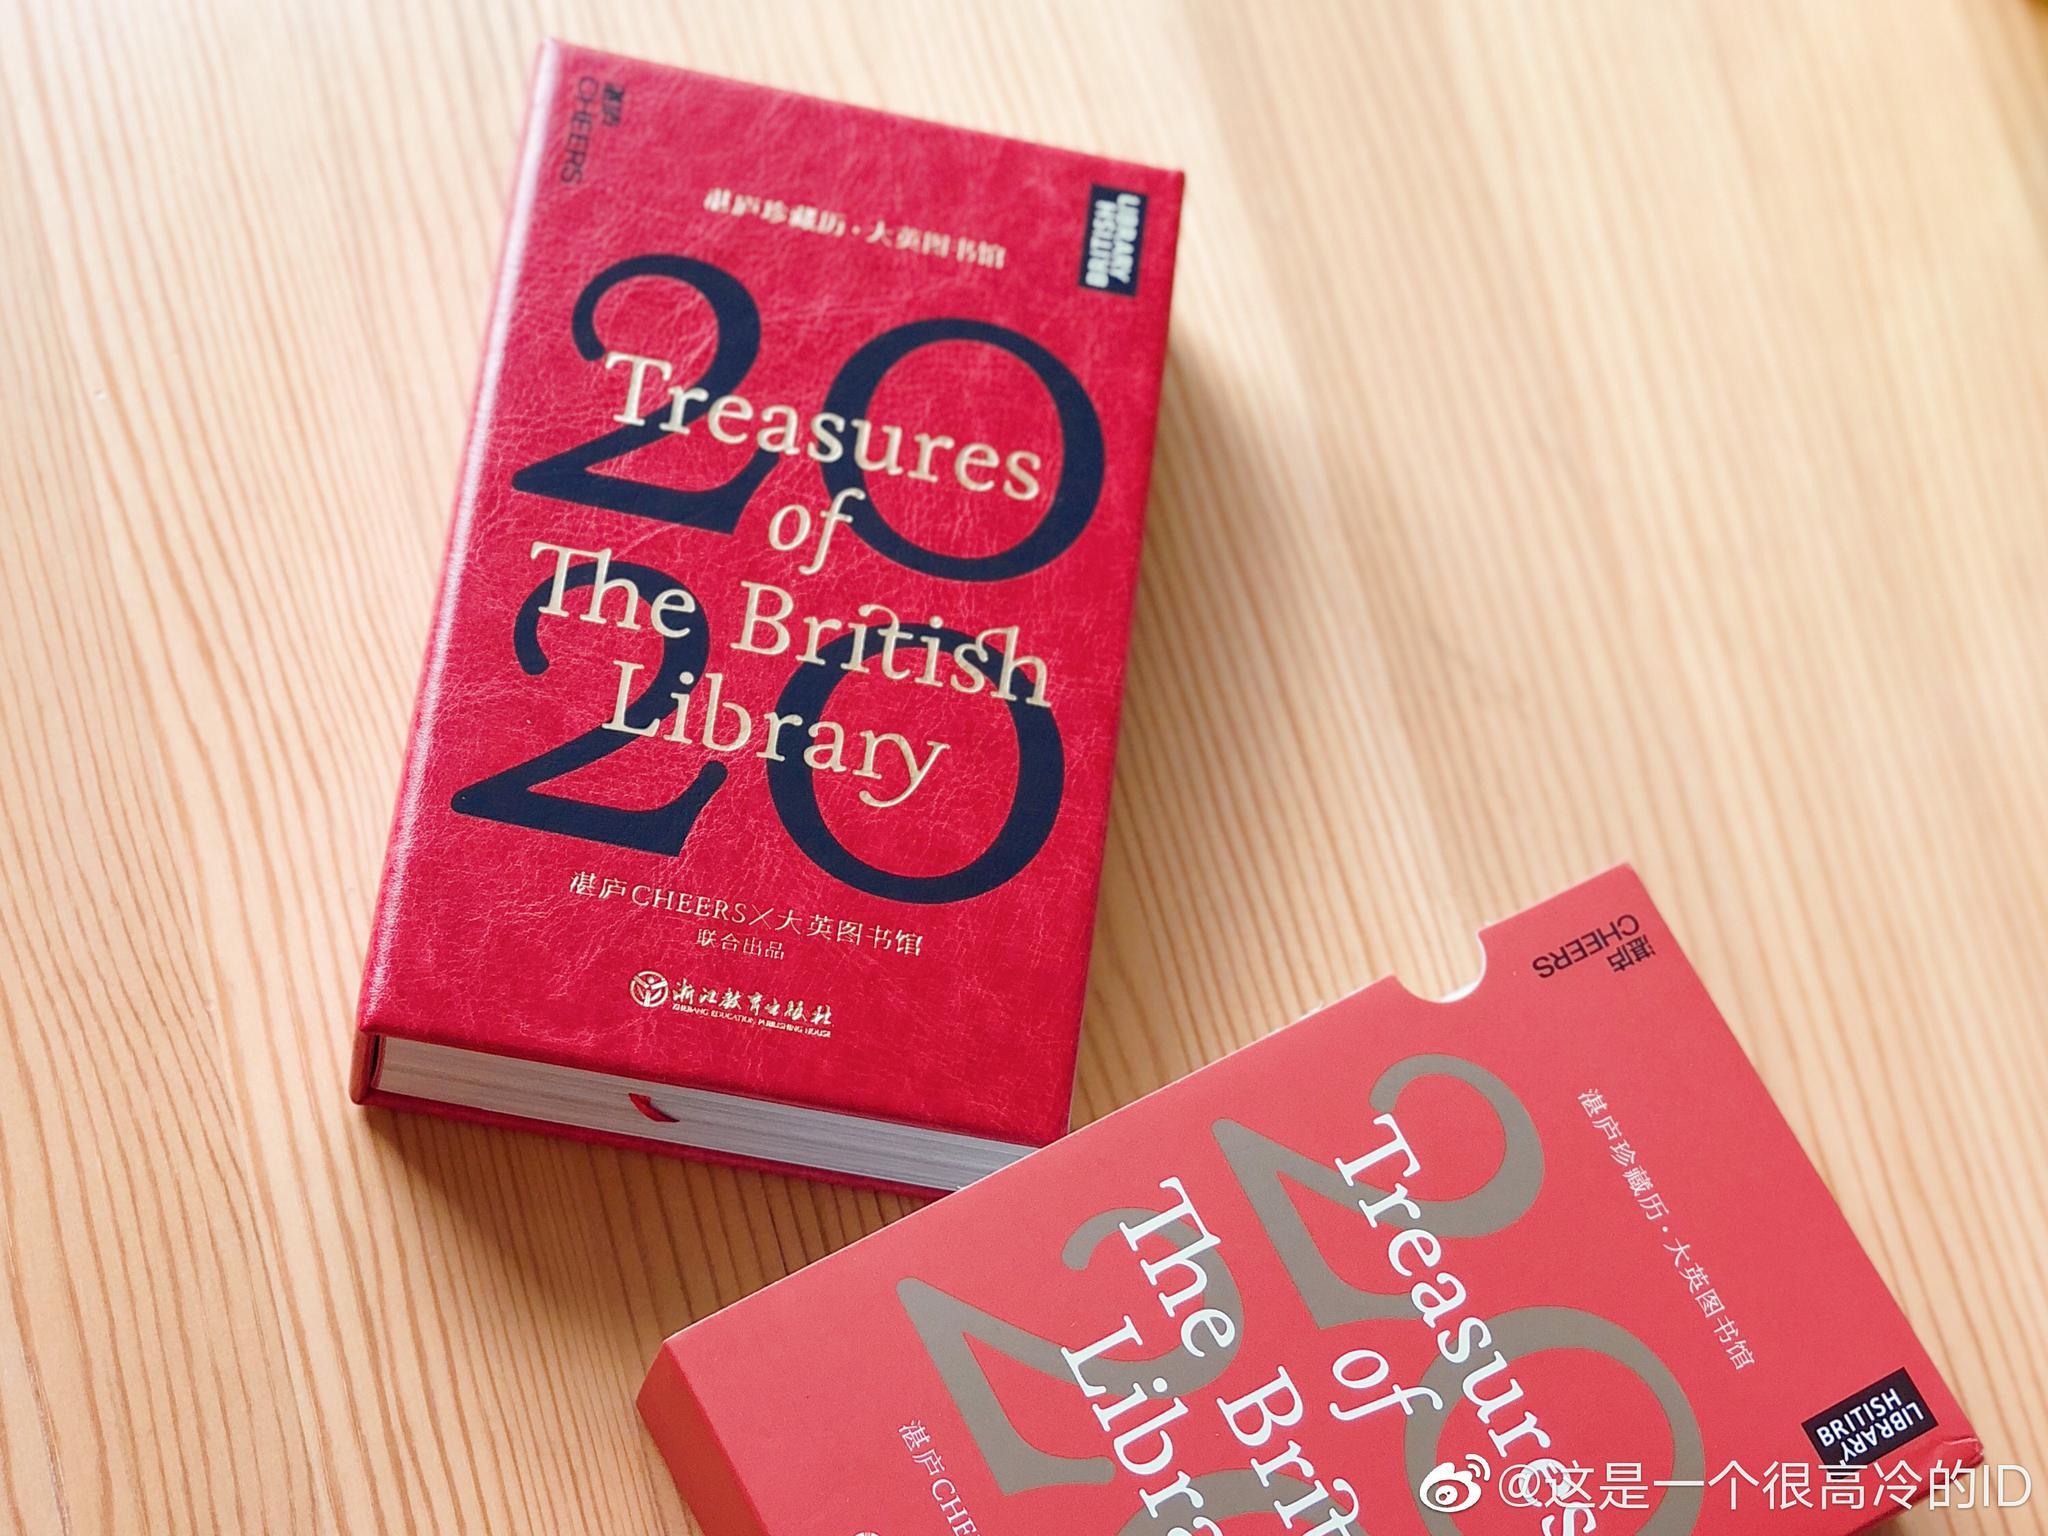 谢谢湛庐文化送的与大英图书馆合作的这本湛庐珍藏历,精致又漂亮